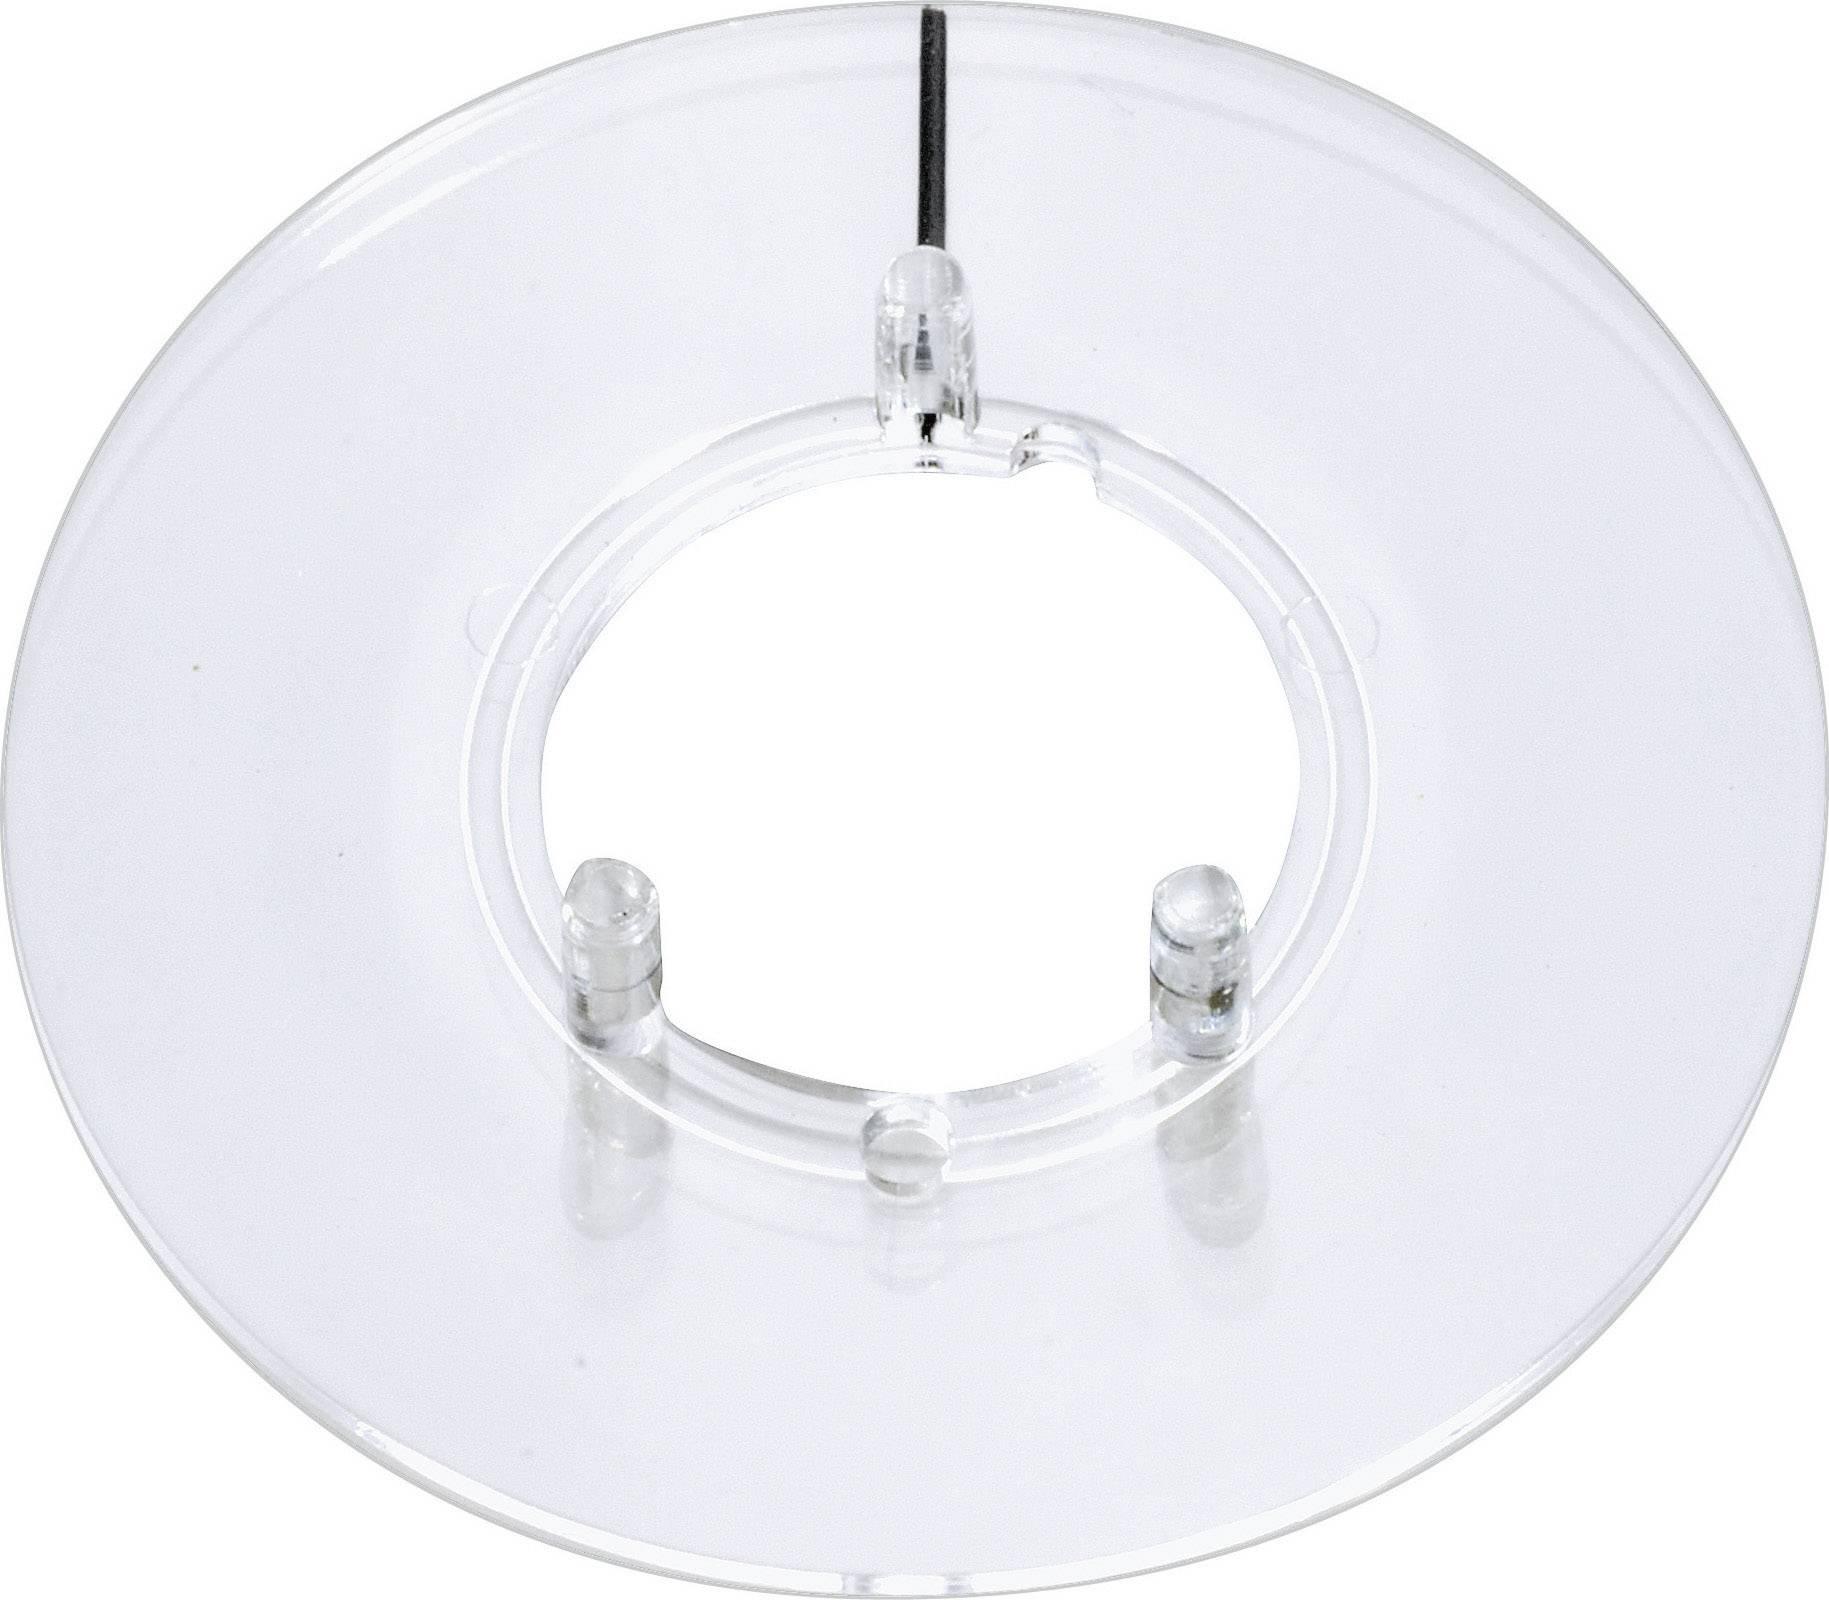 Kruhová stupnice s ukazatelem OKW, vhodná pro knoflík Ø 20 mm, transparentní